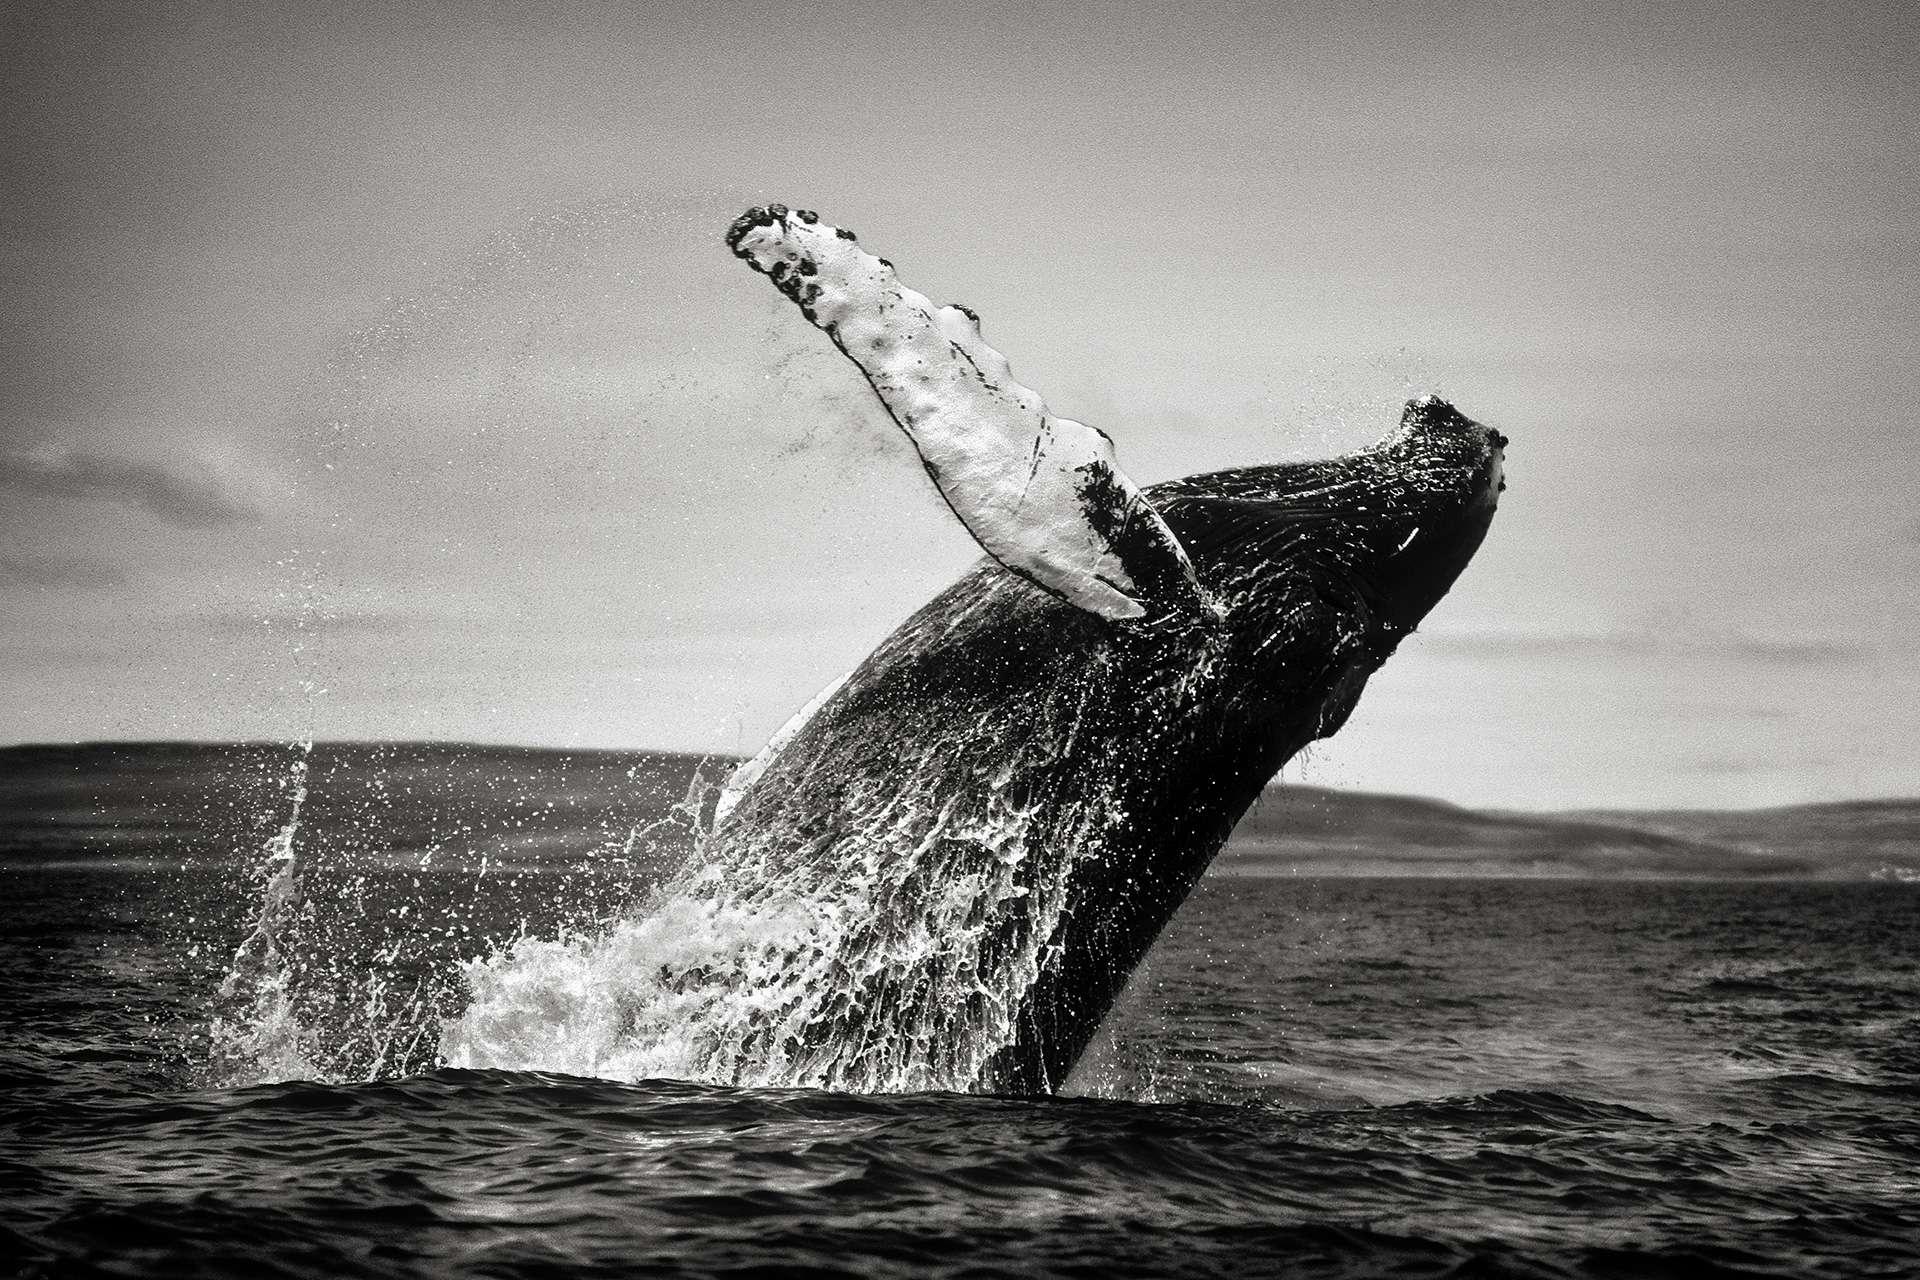 Photographie de Gilles Martin : baleine à bosse du Labrador, Struggle for life